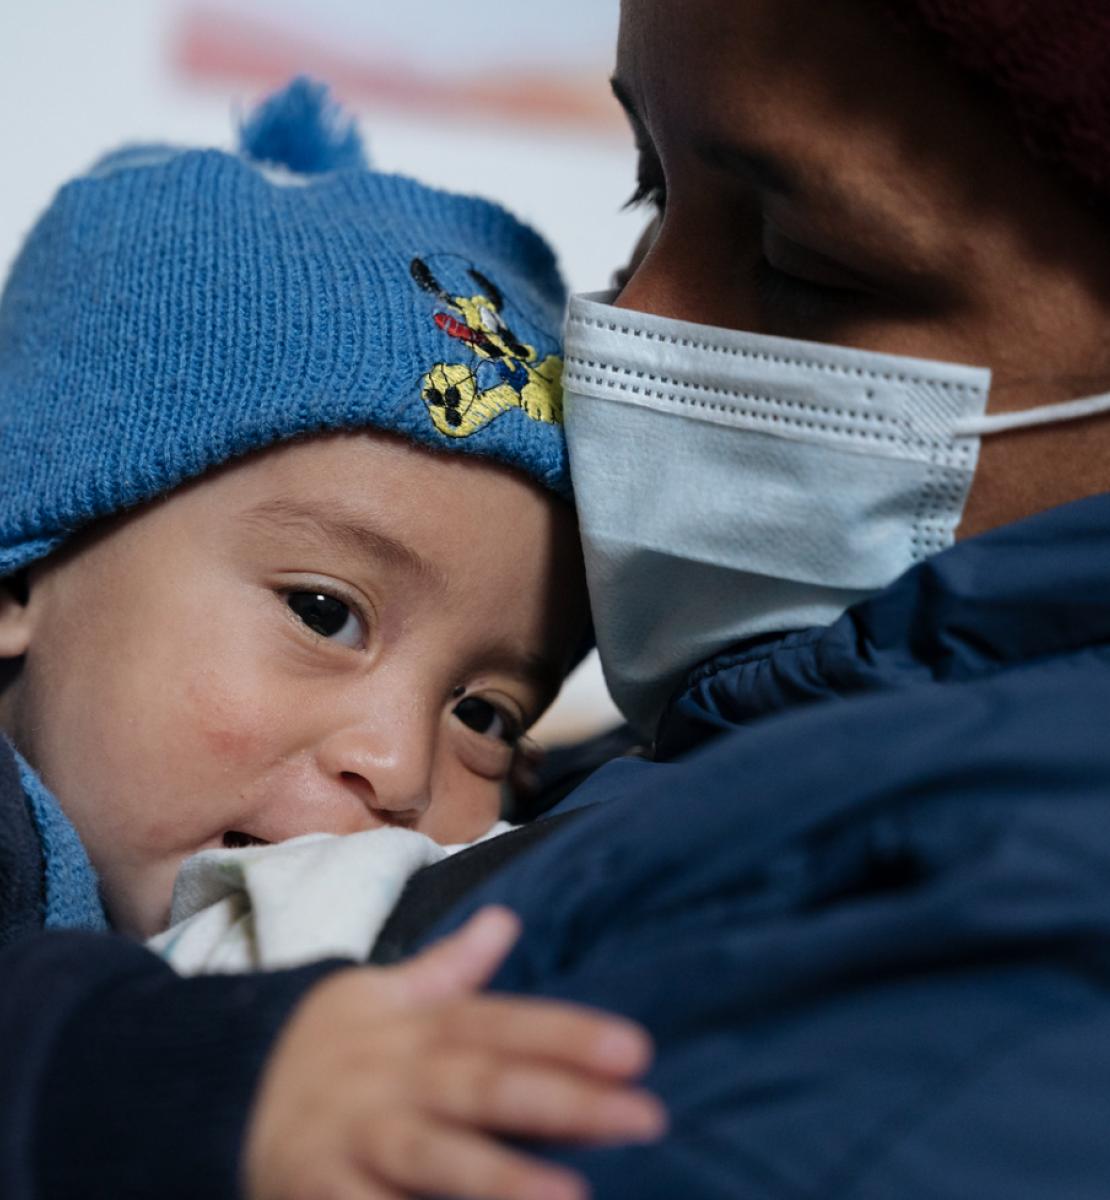 Un bebé con un gorro azul descansa sobre el hombro de su madre, quien lleva una mascarilla.